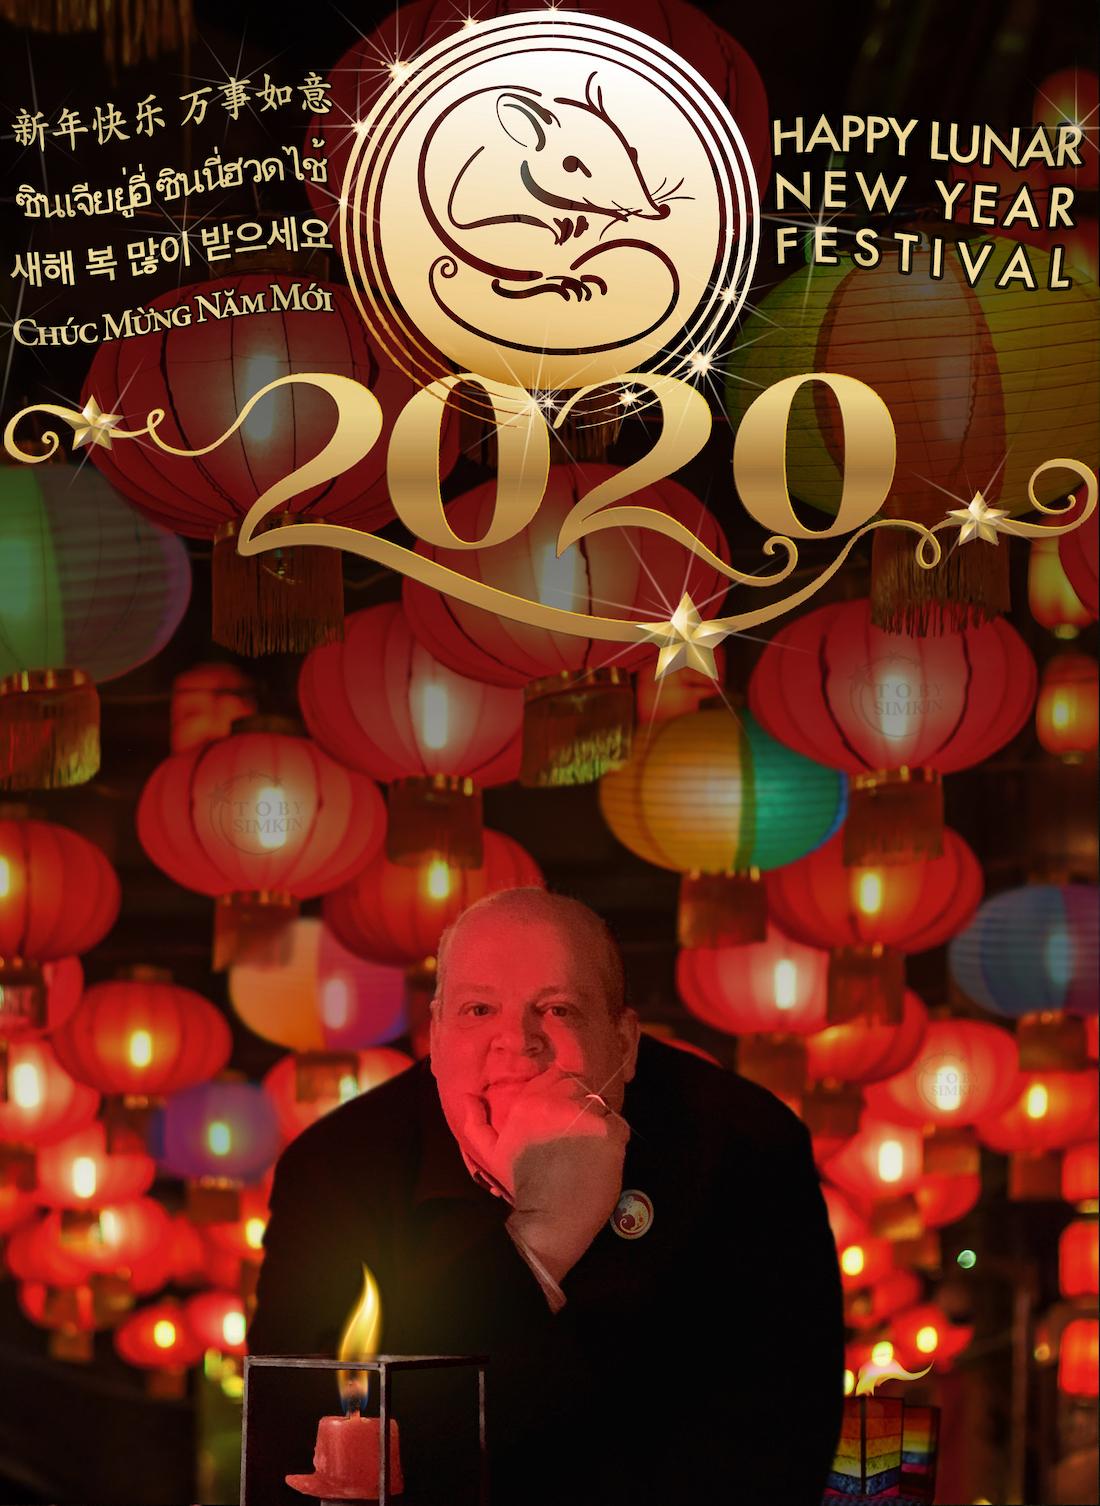 Happy Lunar New Year & Spring Festival 新年快乐 春节快乐